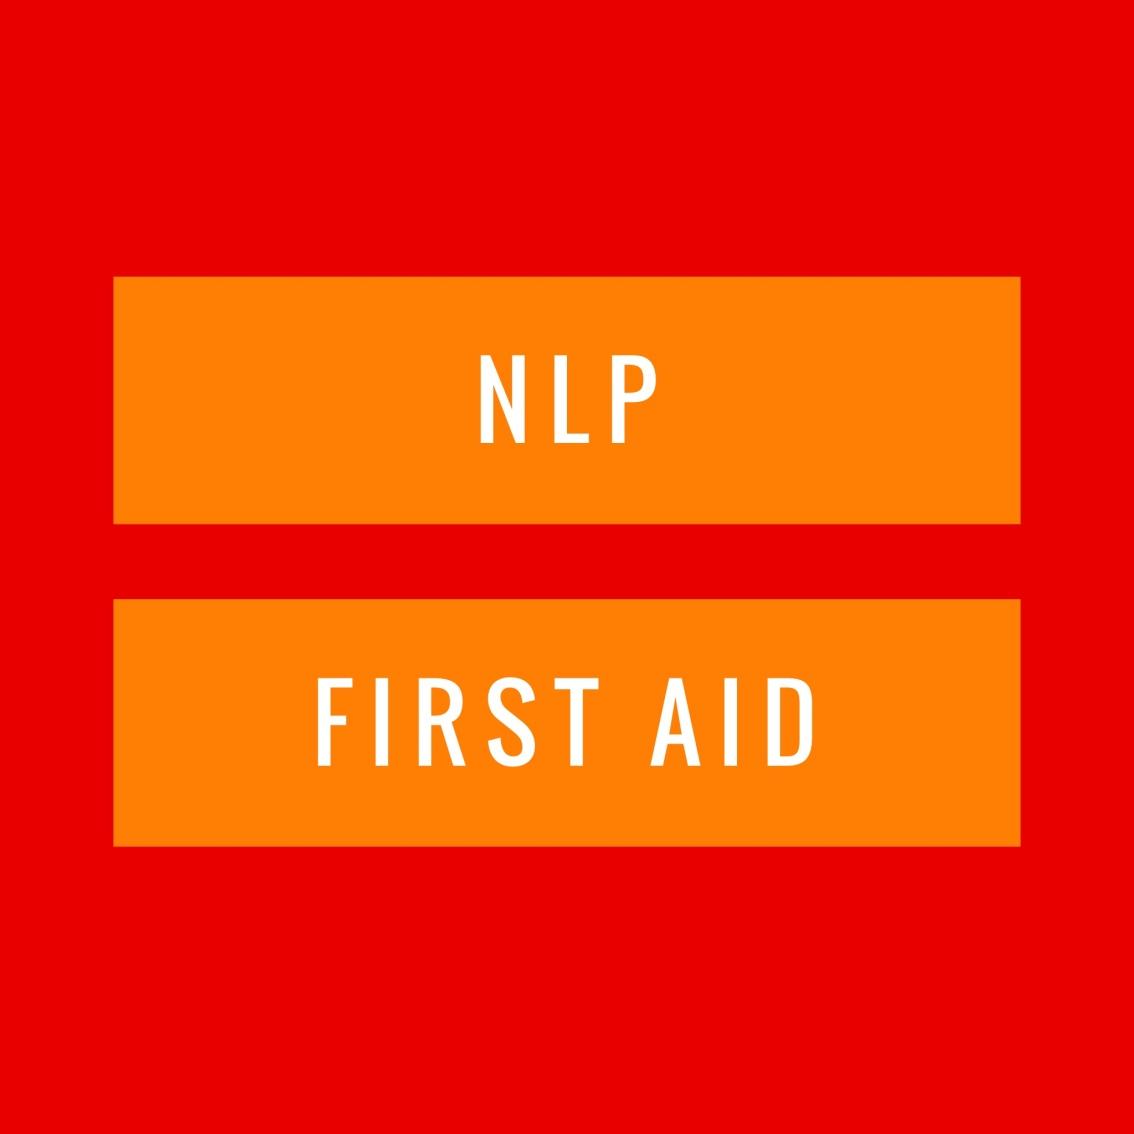 NLP First Aid